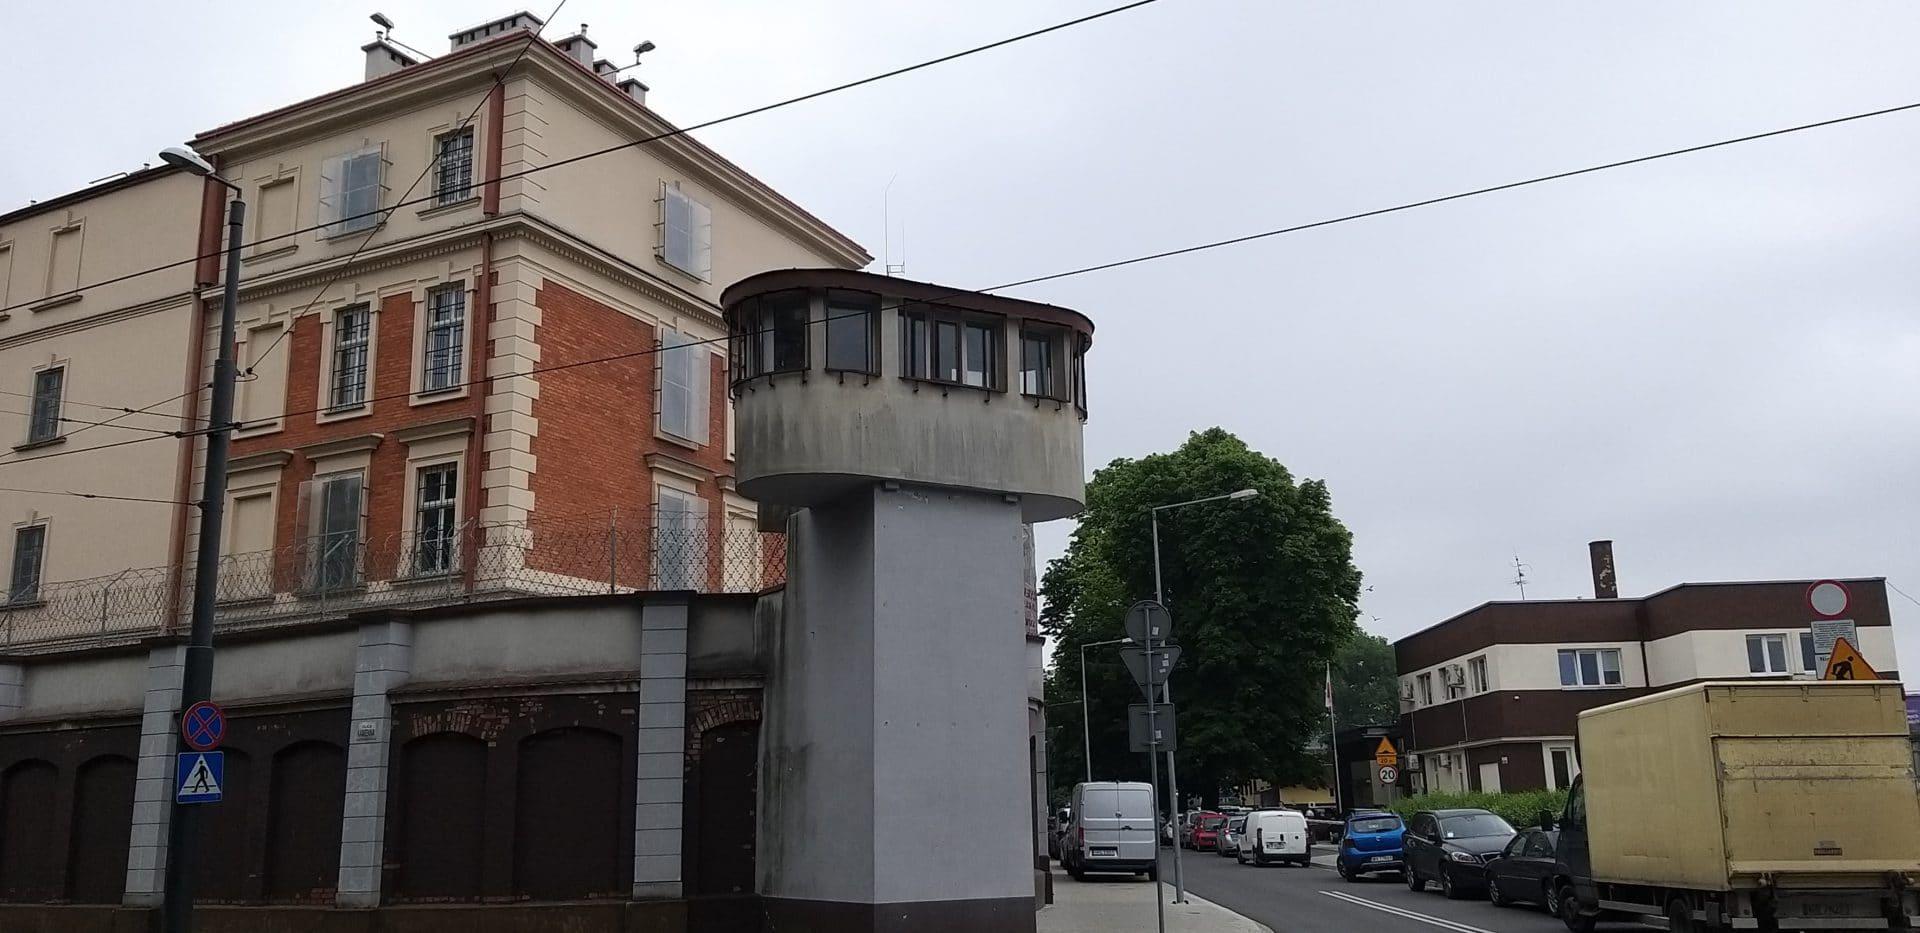 Ulica Montelupich w Krakowie. Areszt śledczy.